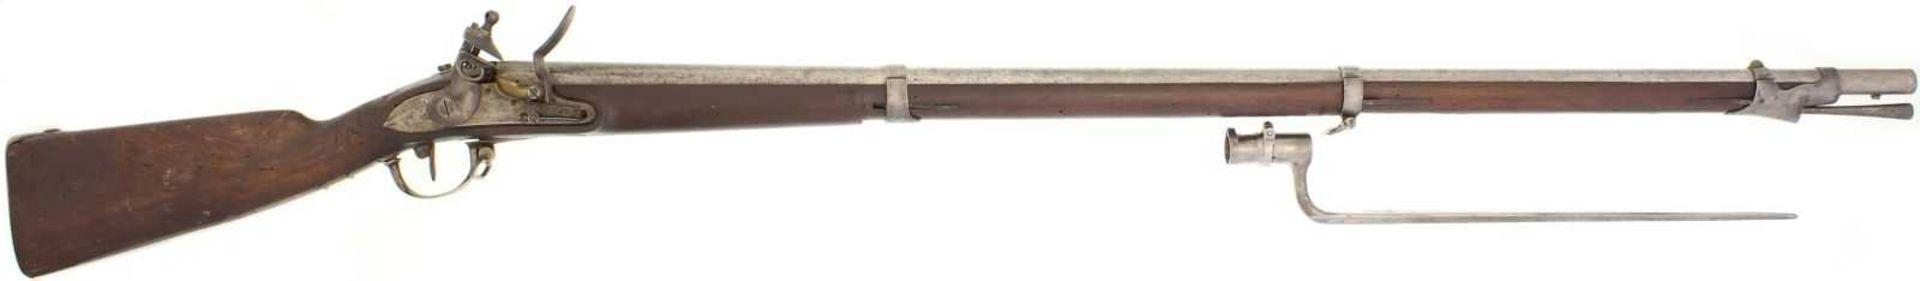 Steinschlossgewehr, Infanterie 1817 (franz. 1777), Kanton Aargau, Kal. 17.6mm LL 1140mm, TL